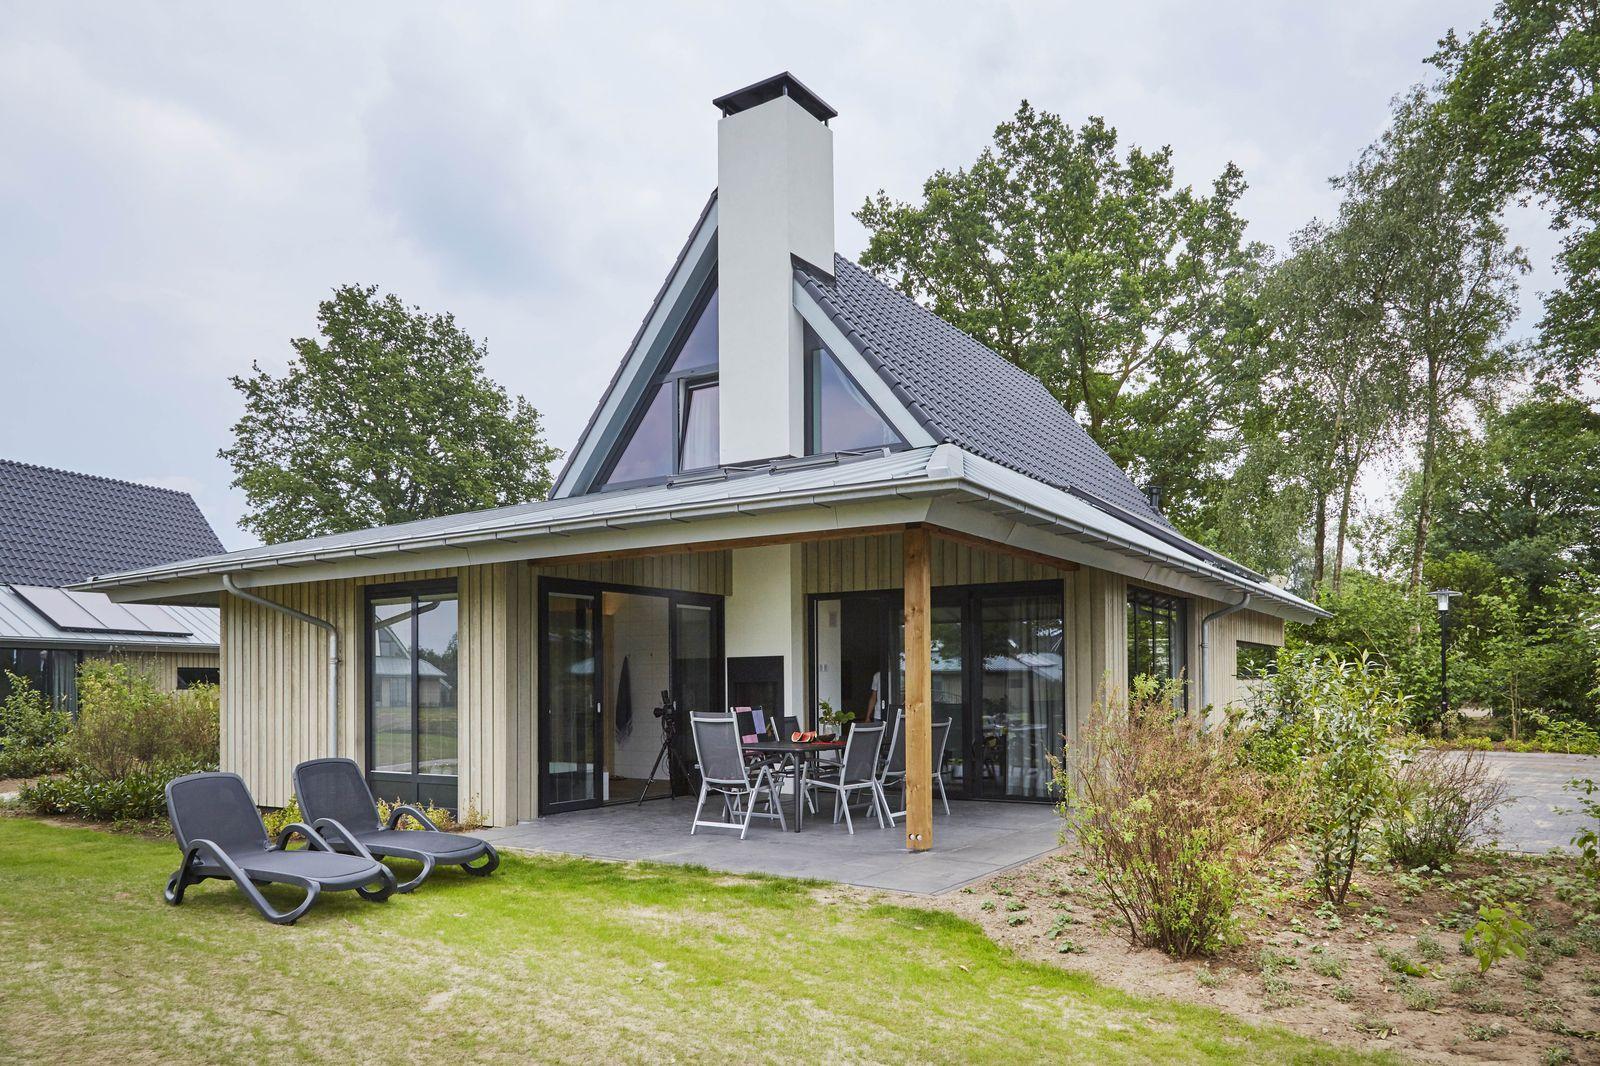 Ferienpark Marveld Recreatie - Luxus Villa Am Teich